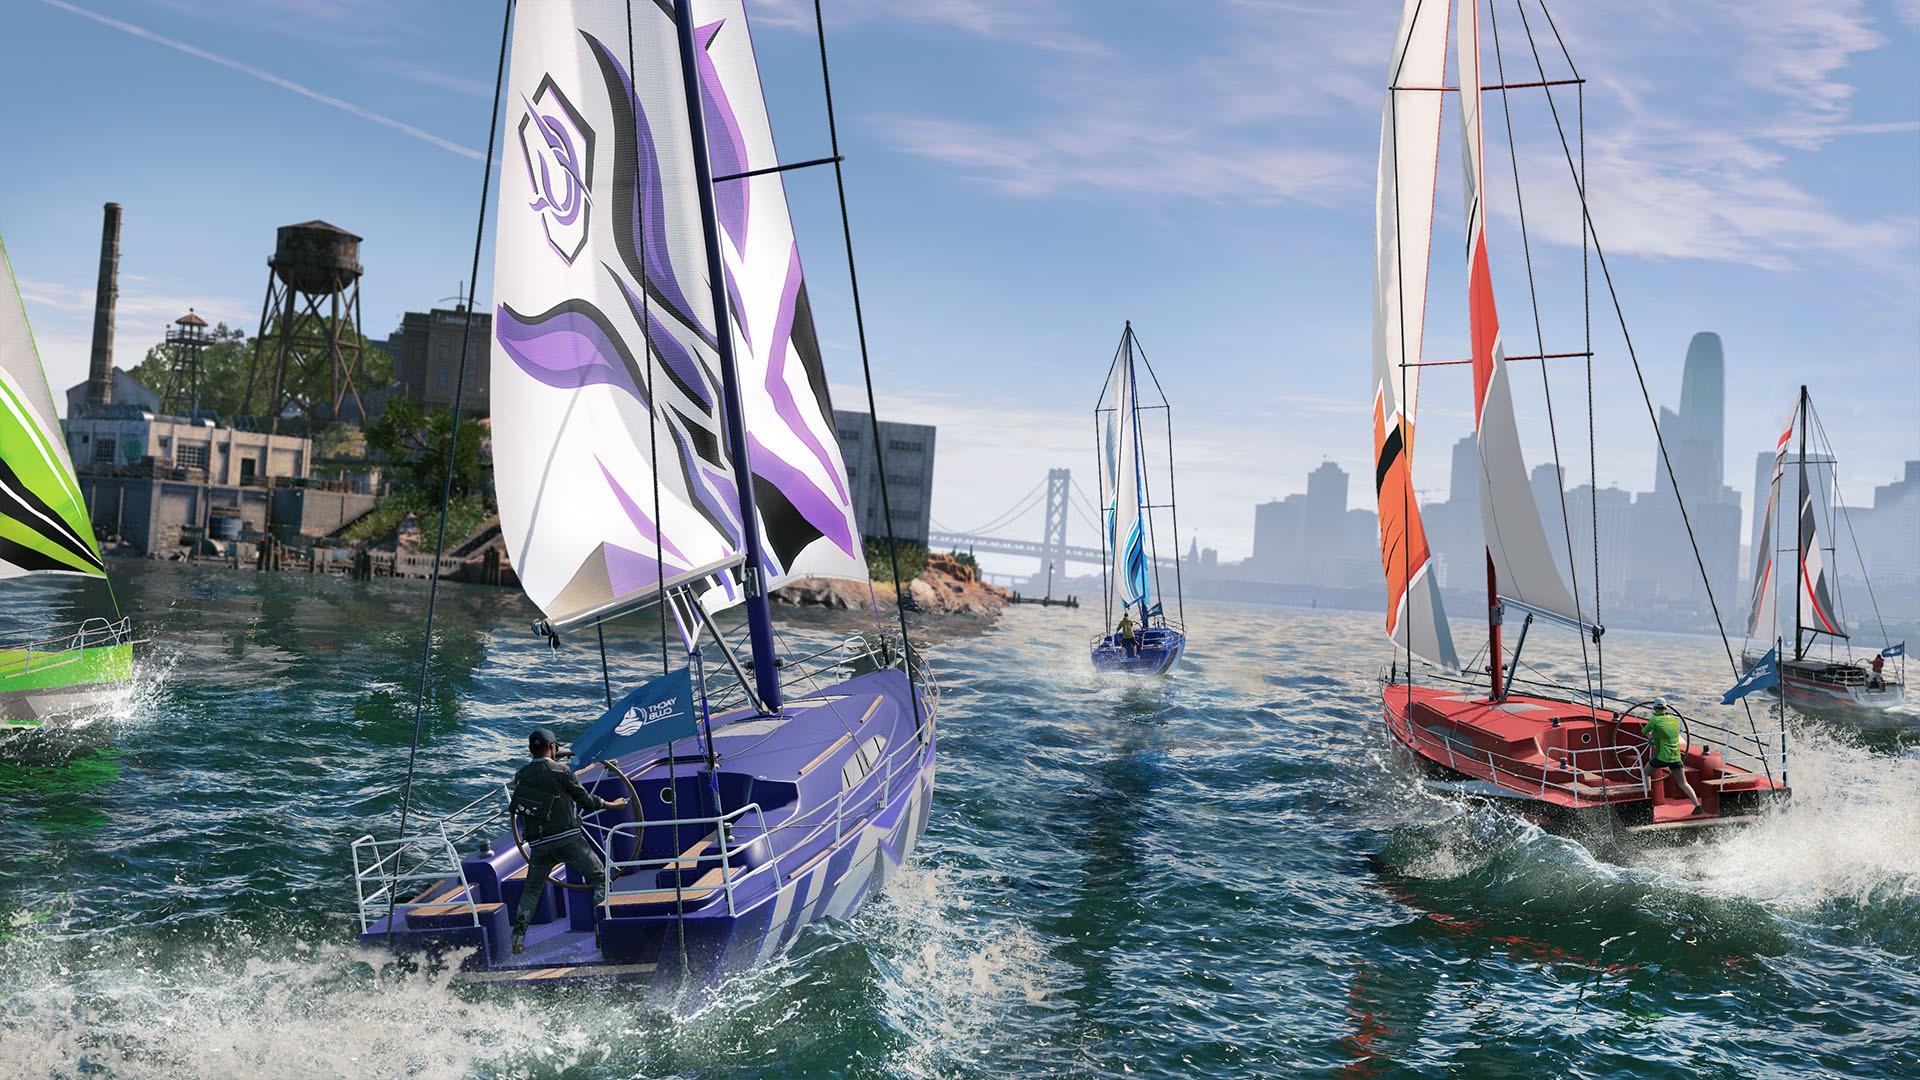 Caso prefira, o jogador pode dar um tempo na trama principal e disputar, por exemplo, uma corrida de barcos na baía  (Foto: Divulgação)